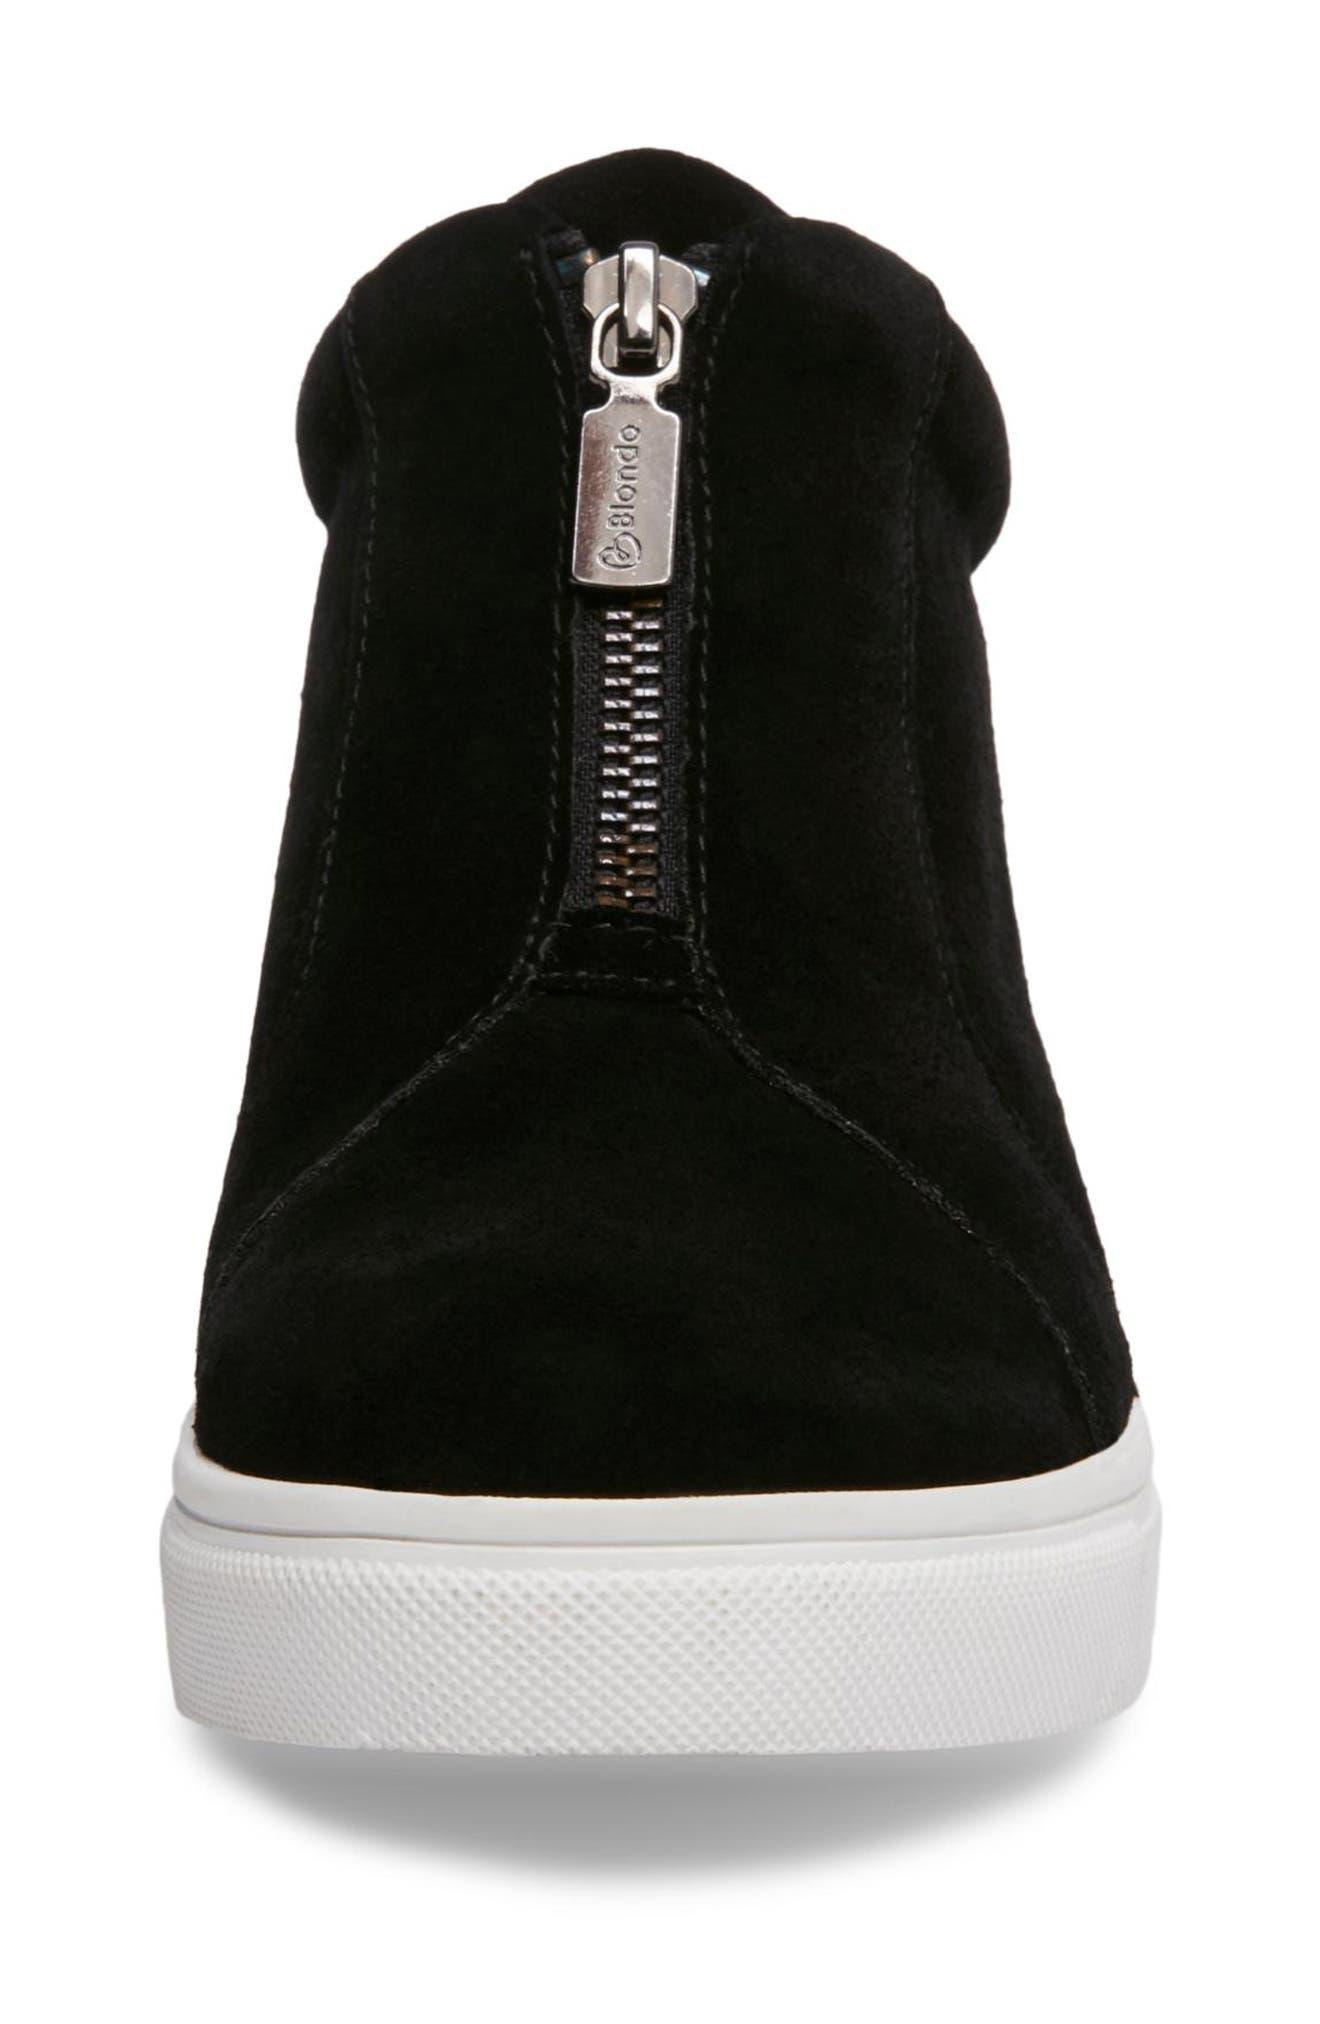 BLONDO, Glenda Waterproof Sneaker Bootie, Alternate thumbnail 4, color, BLACK SUEDE